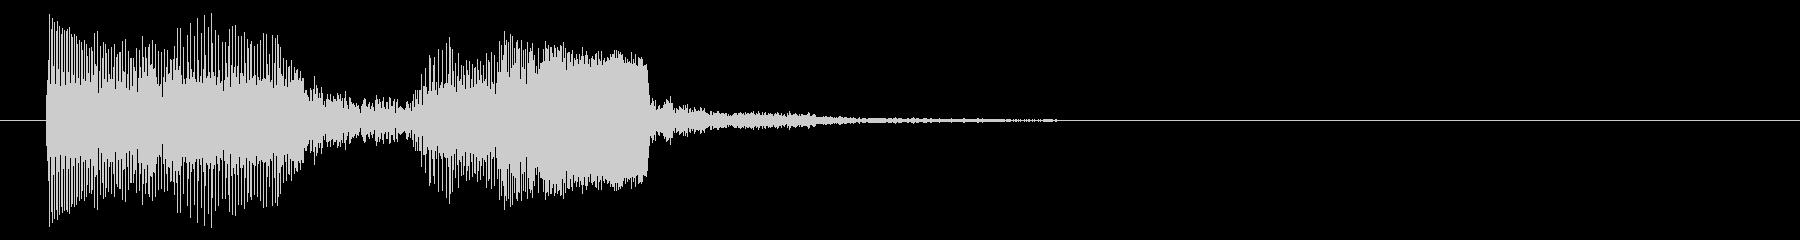 8ビット風システム音-18-1_revの未再生の波形